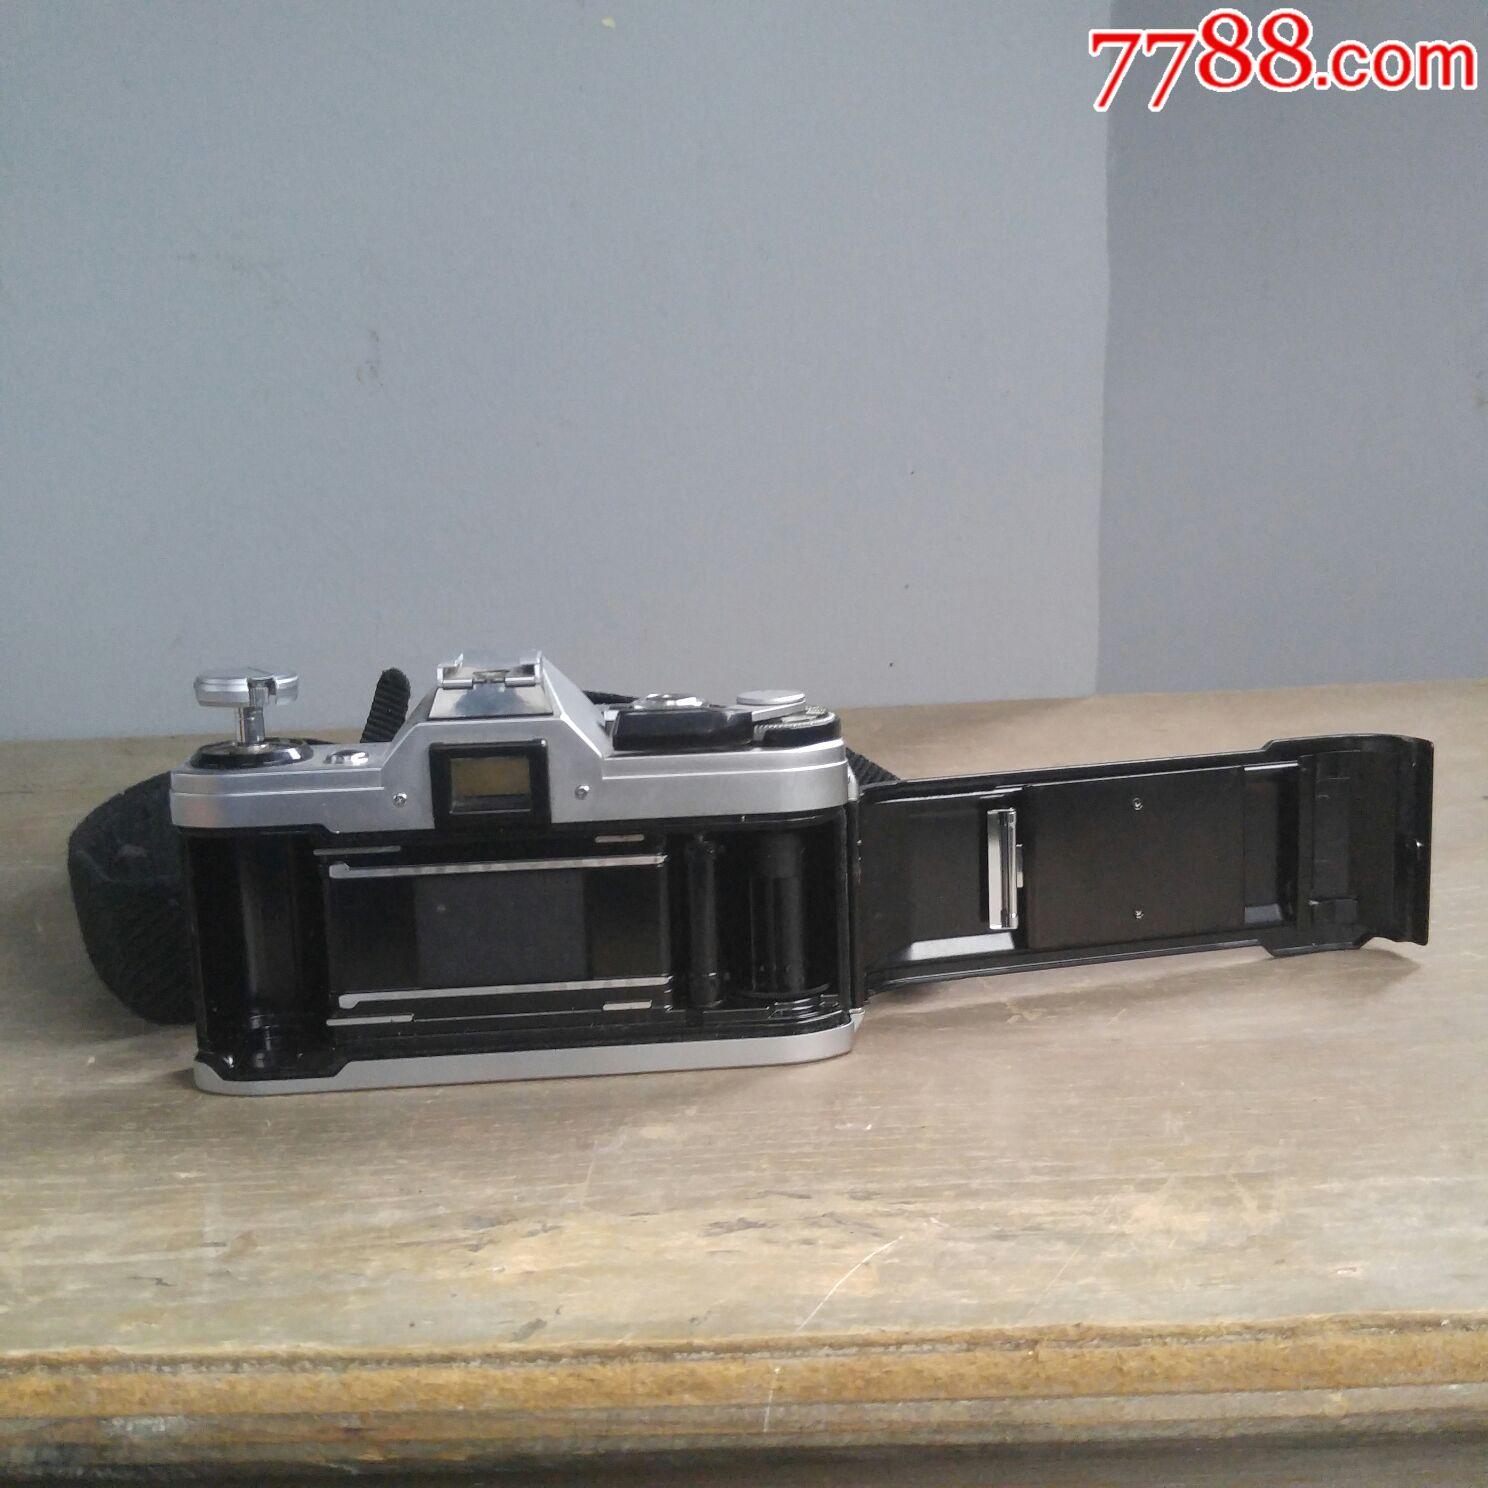 佳能AE-1单反相机_价格635元_第6张_